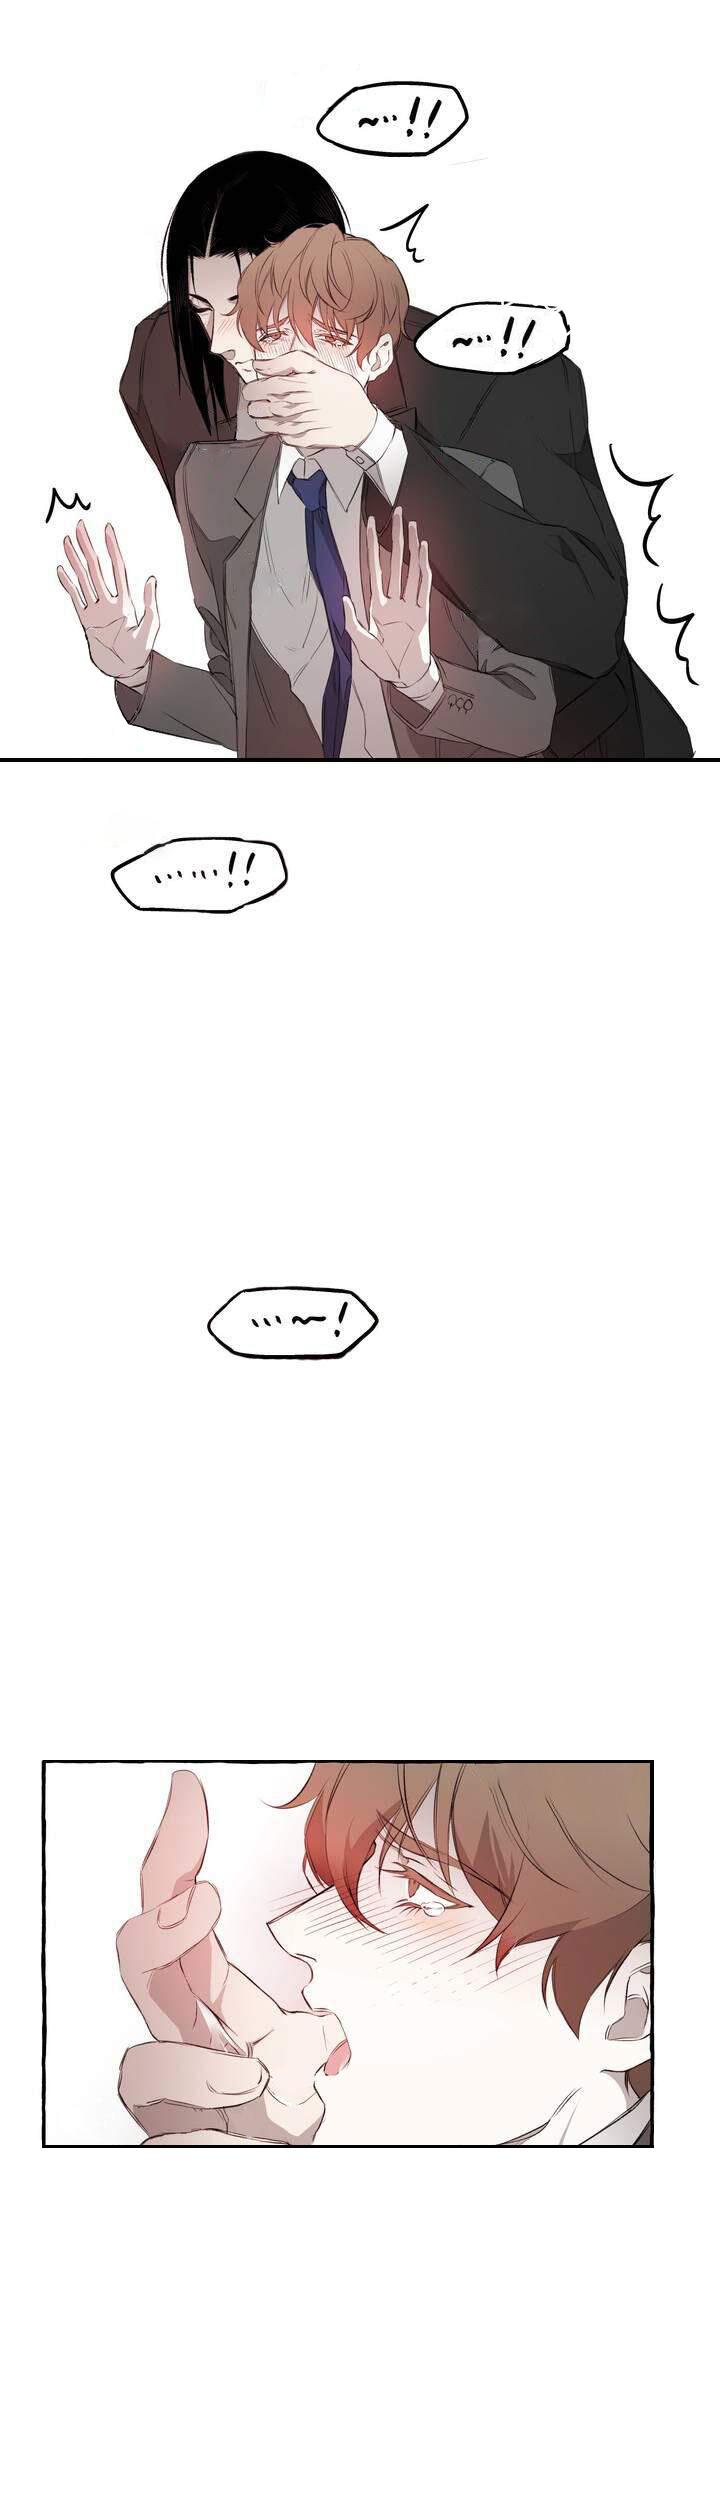 异类-漫画下拉式在线阅读_最新连载更新至64话-啵乐漫画